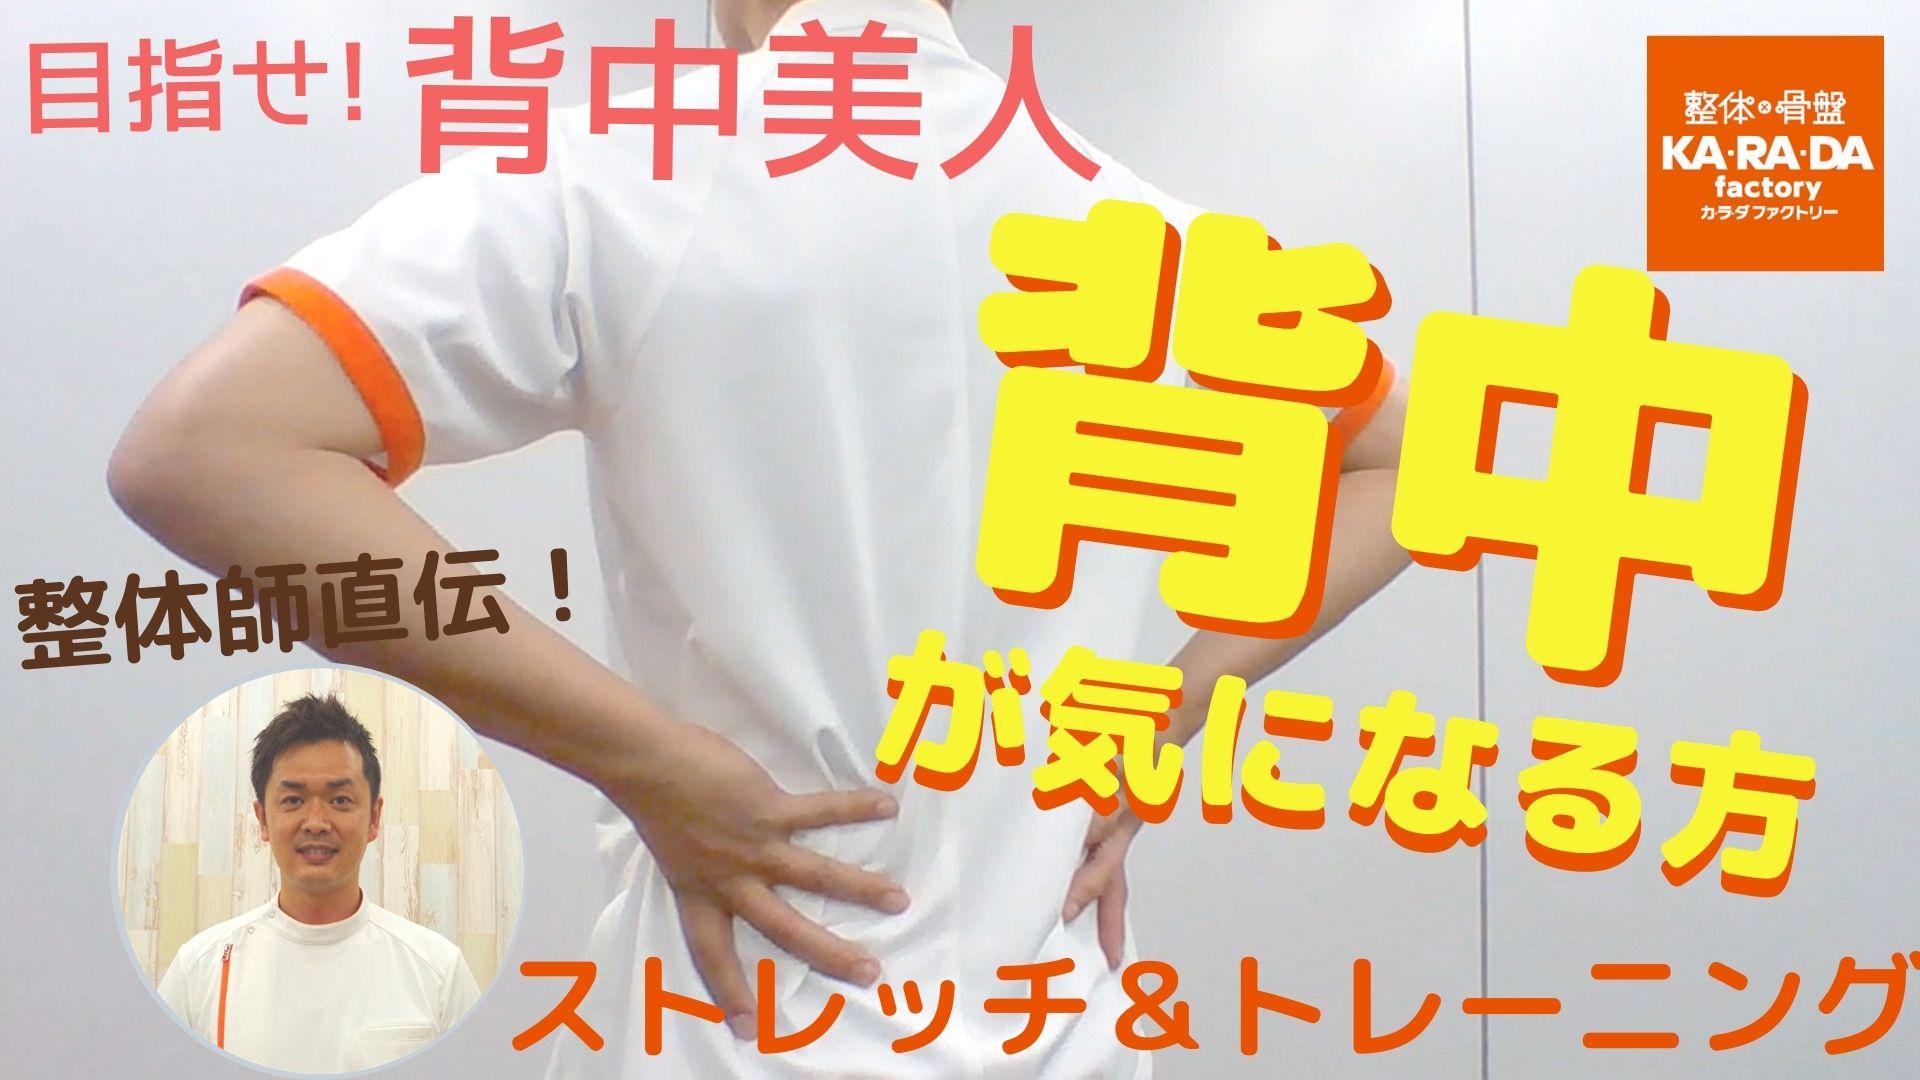 【整体師直伝】目指せ!背中美人 背中が気になる方のストレッチ&トレーニング